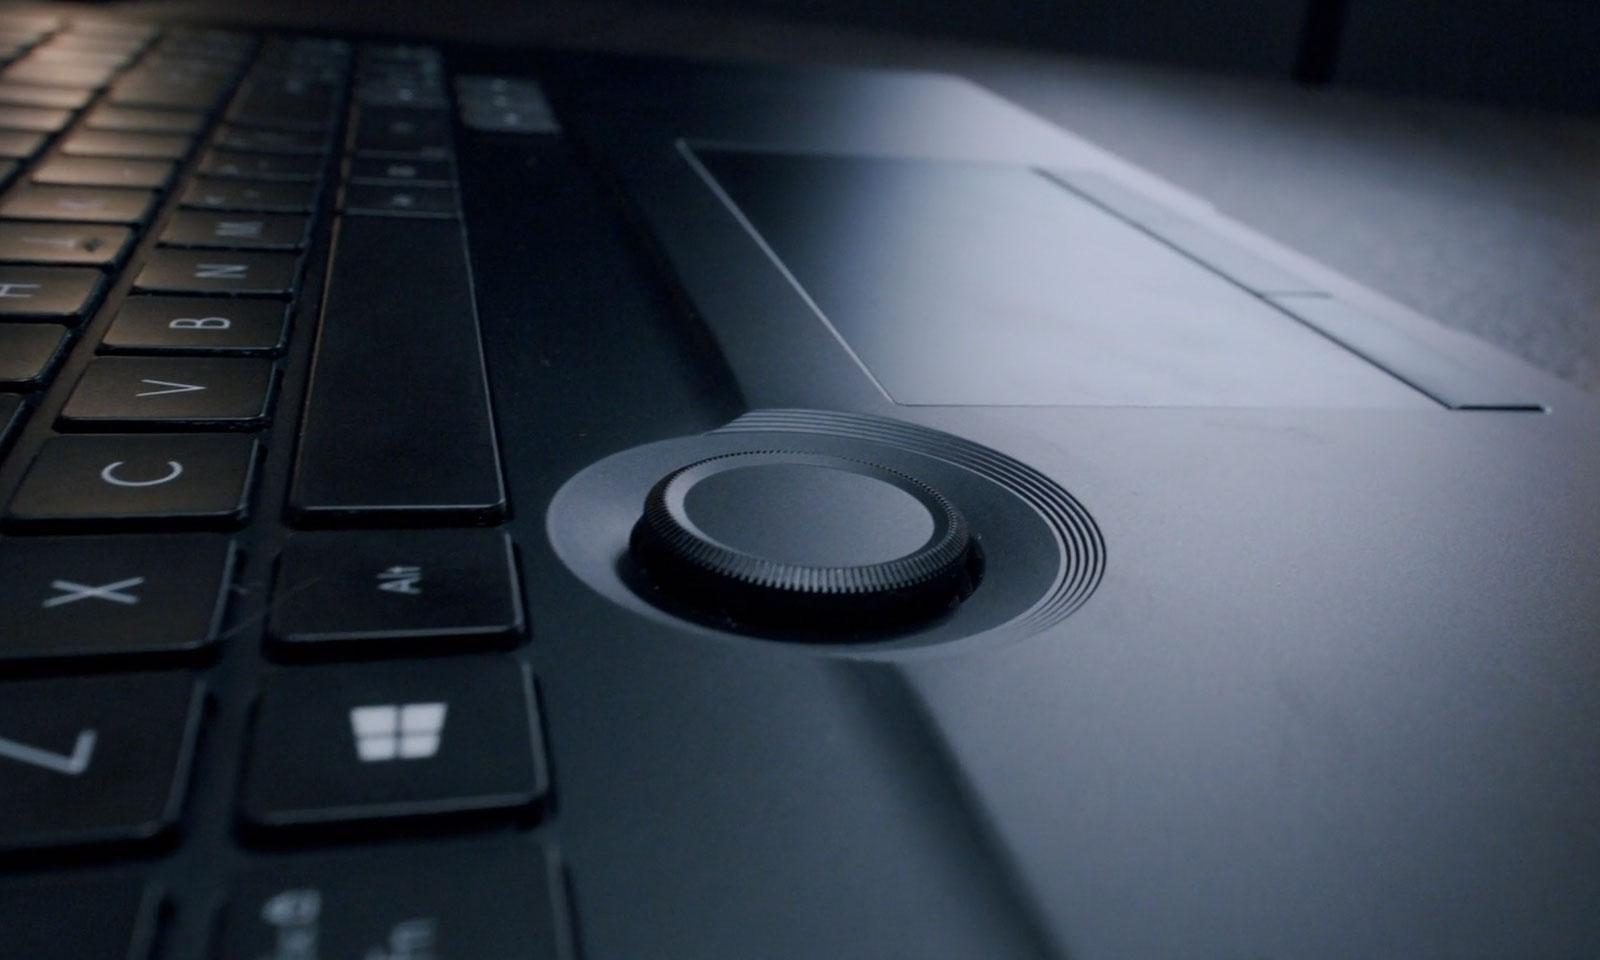 Controllerul ASUS Dial de pe laptopurile ASUS ProArt